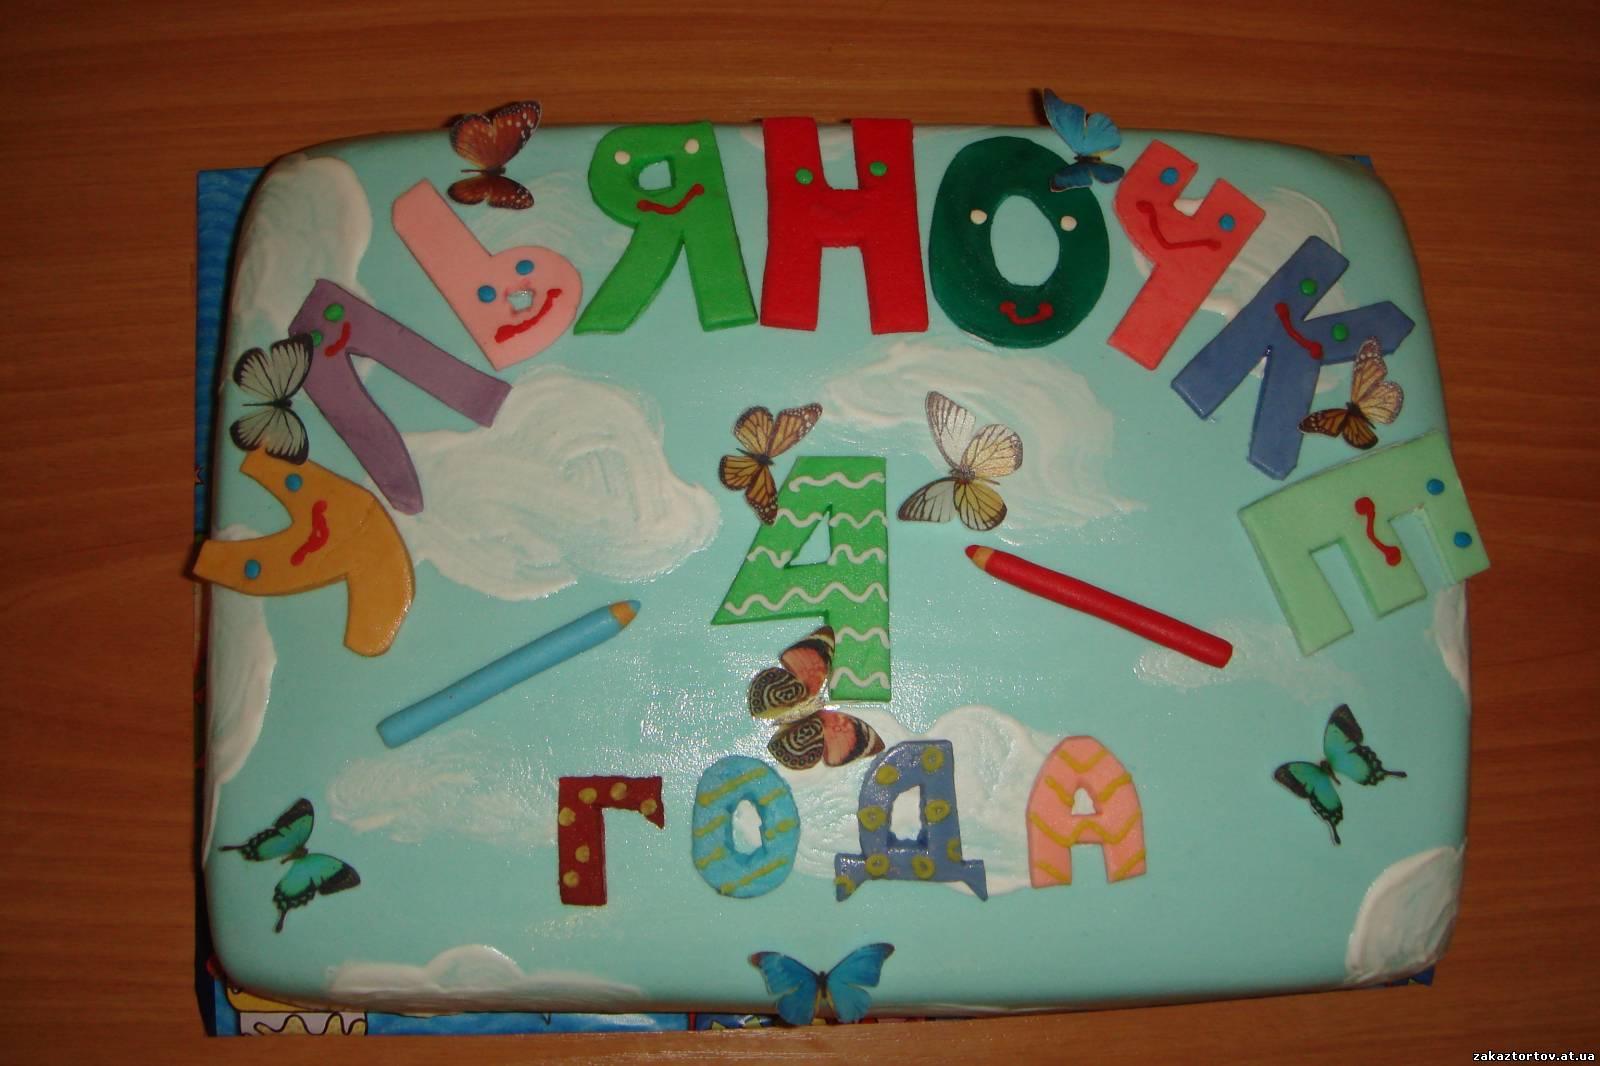 Как сделать на торт съедобные буквы